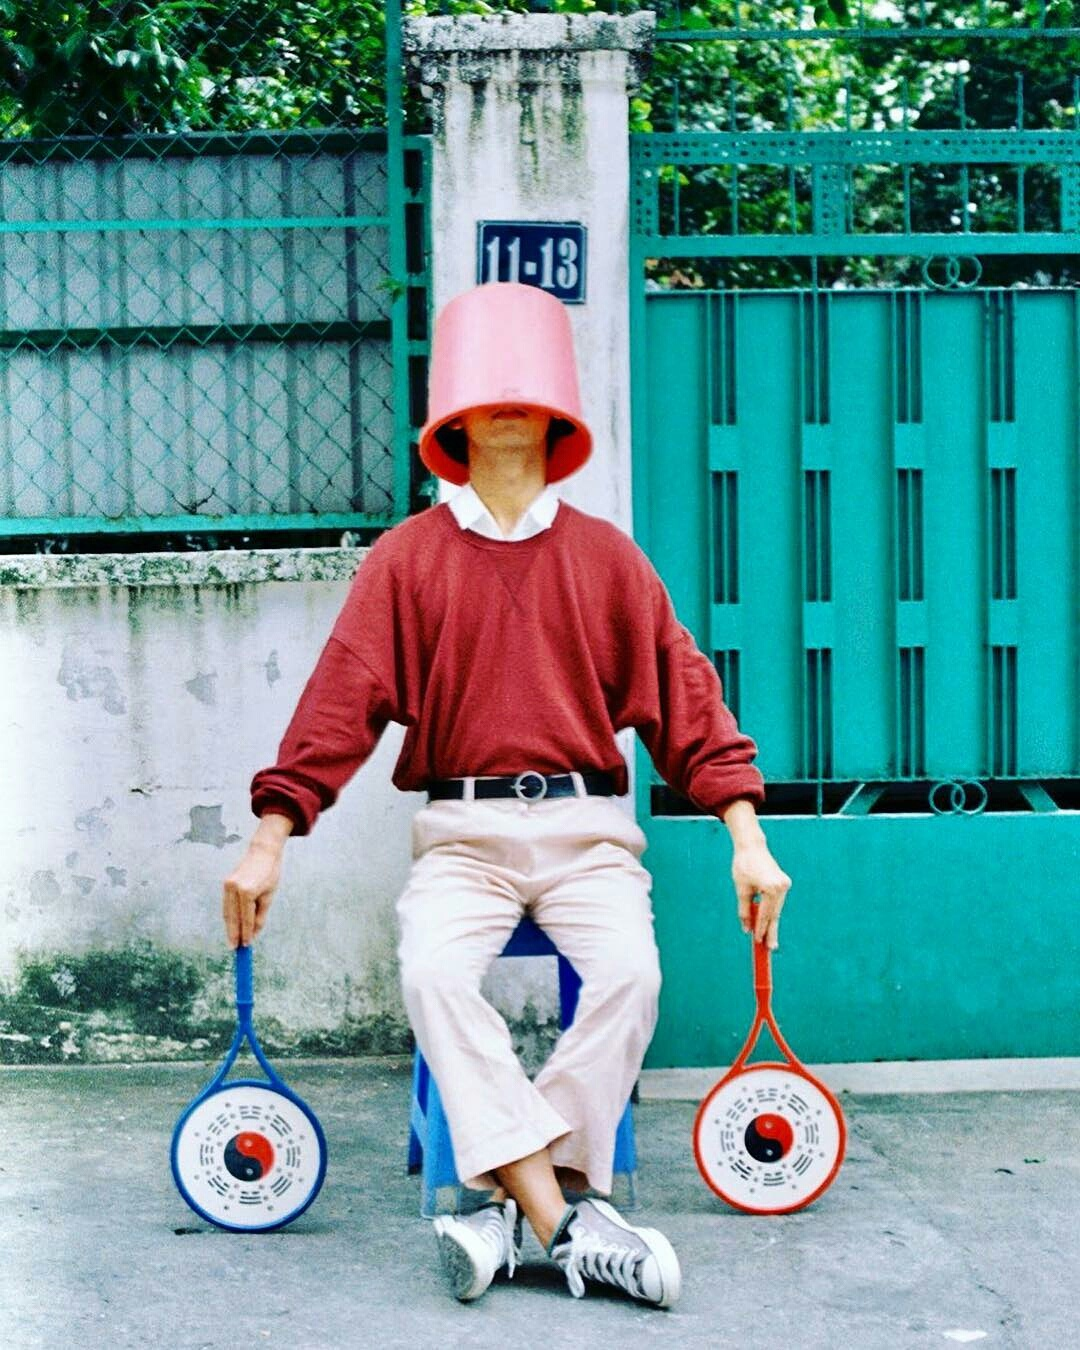 Thoai Nguyen play